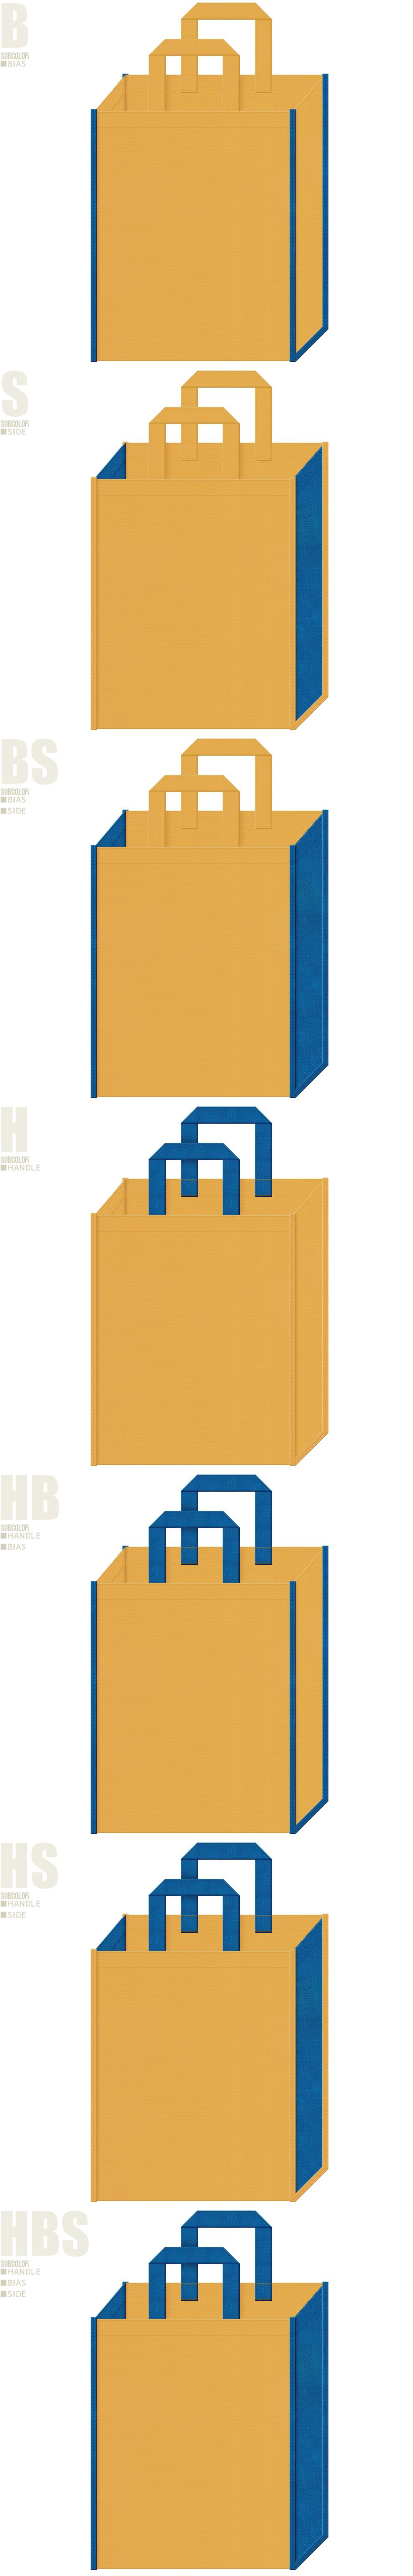 黄土色と青色、7パターンの不織布トートバッグ配色デザイン例。